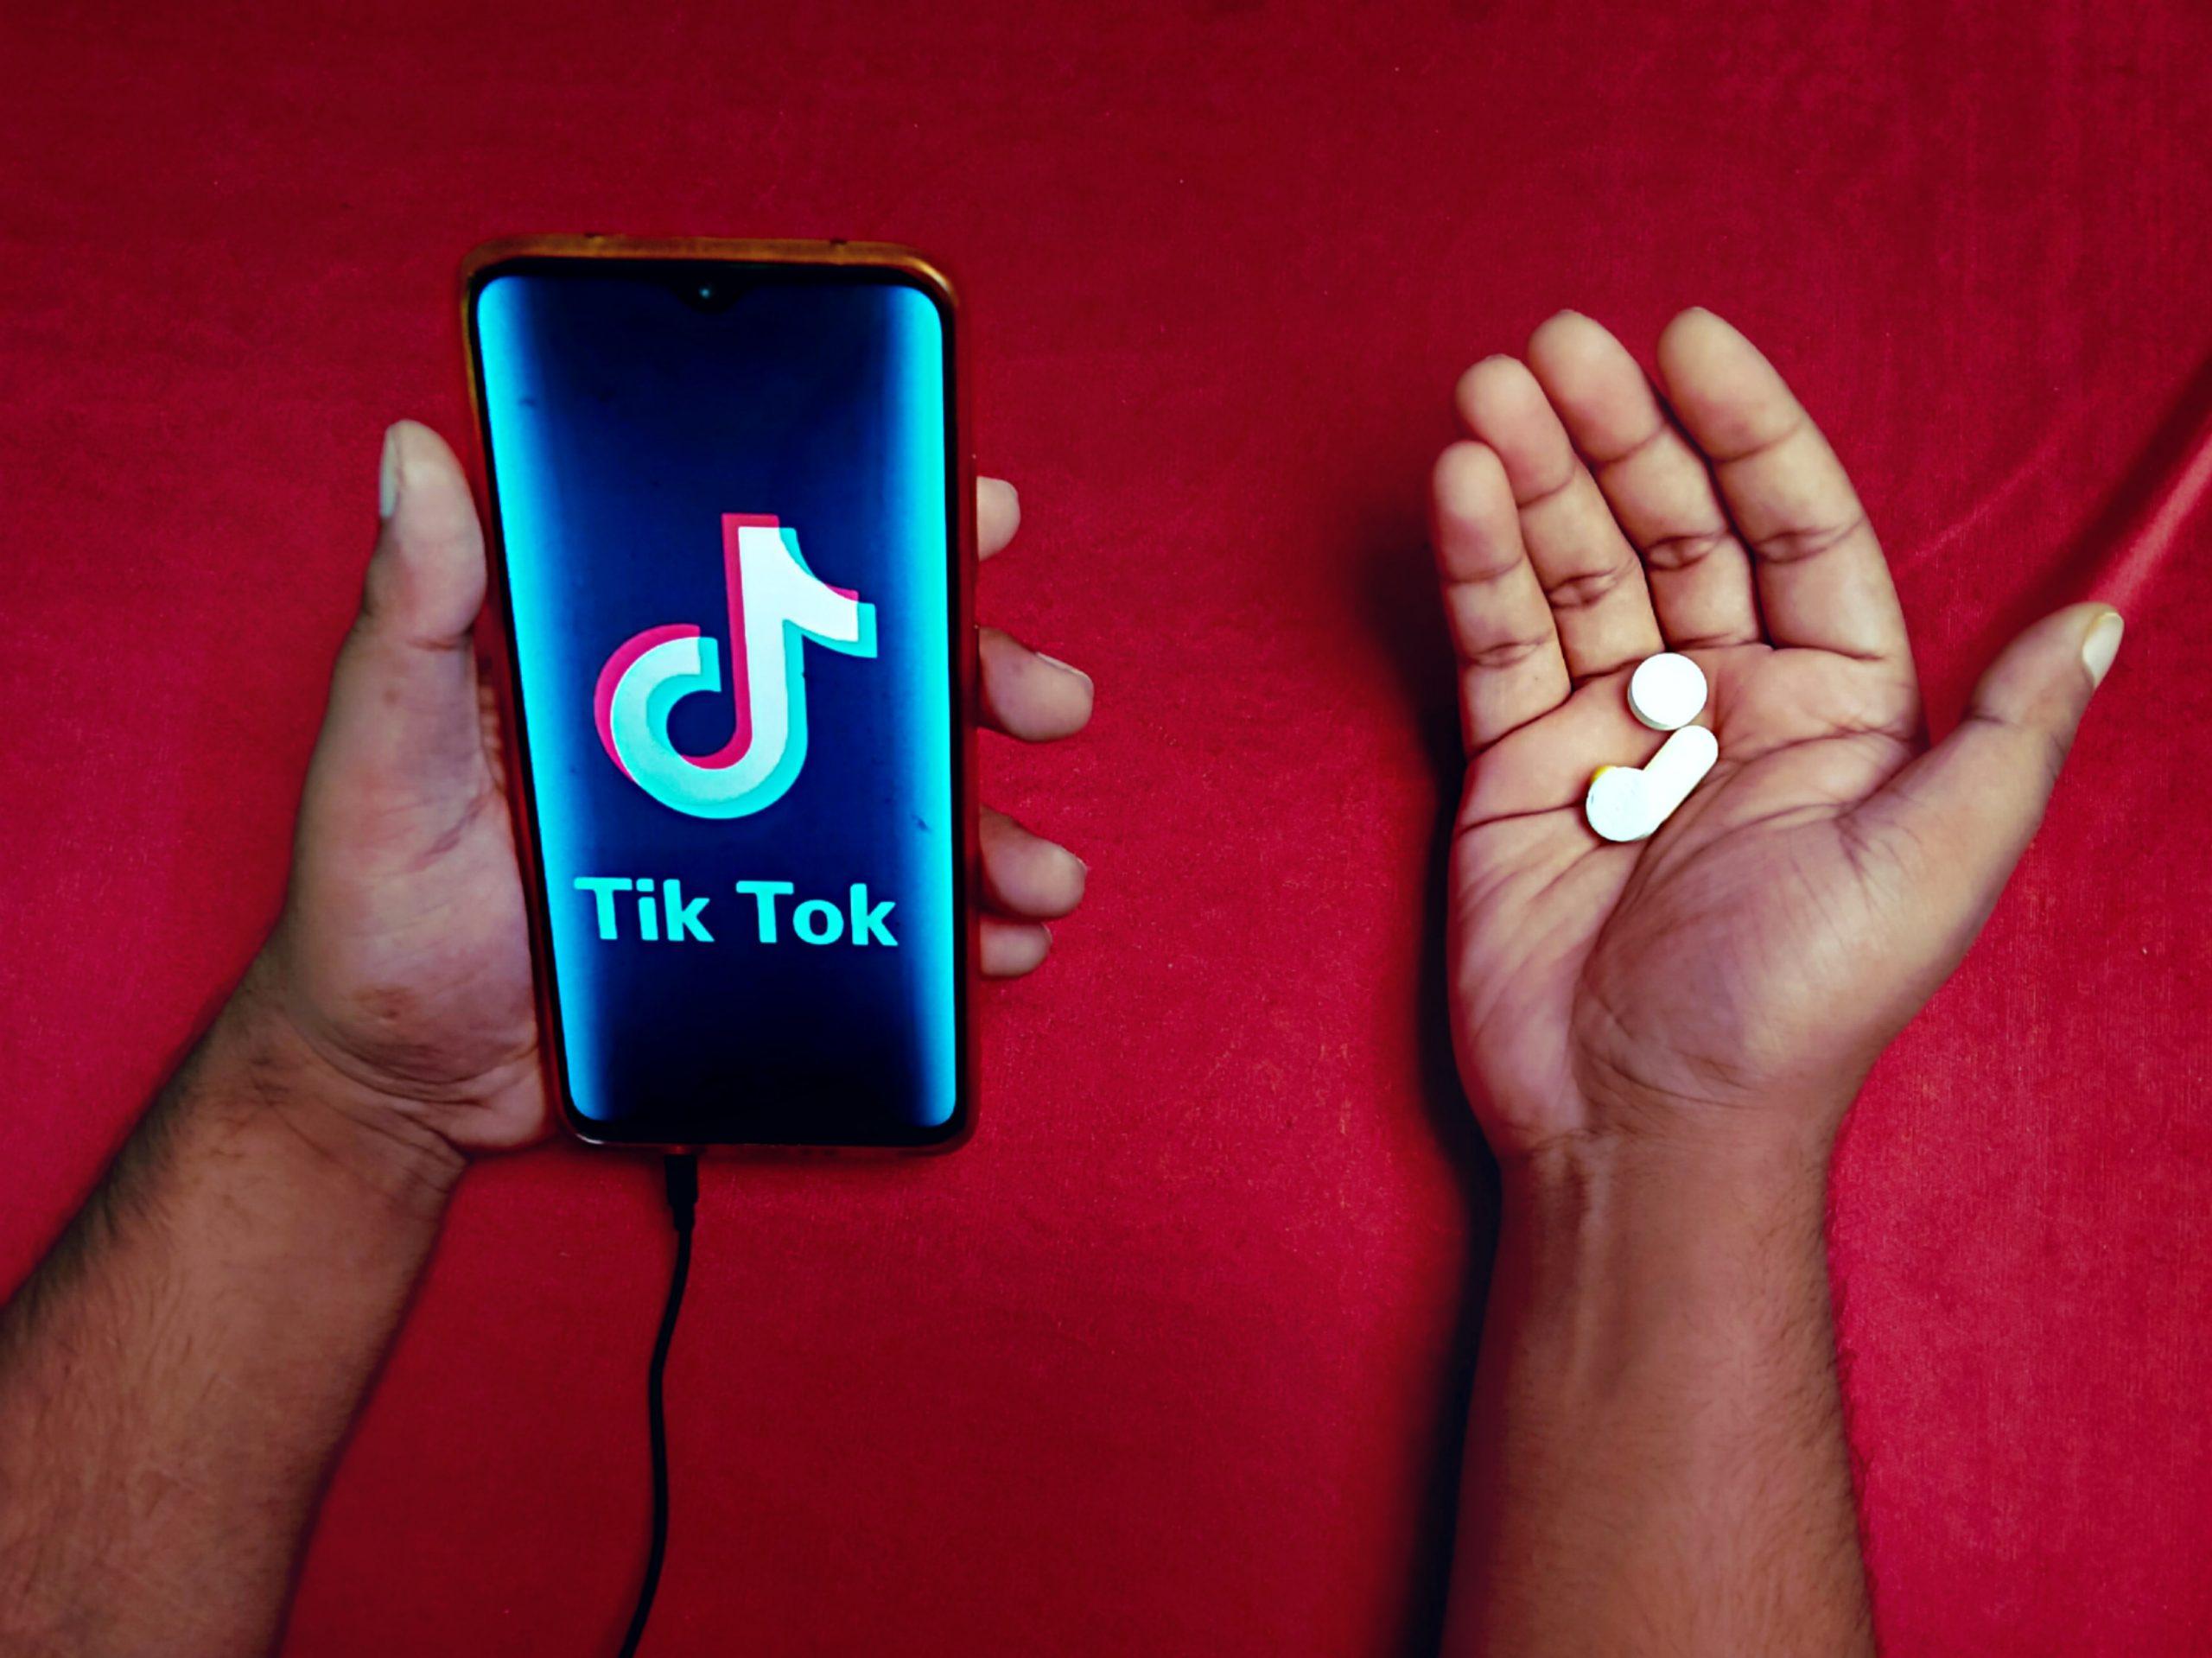 Tik Tok addiction